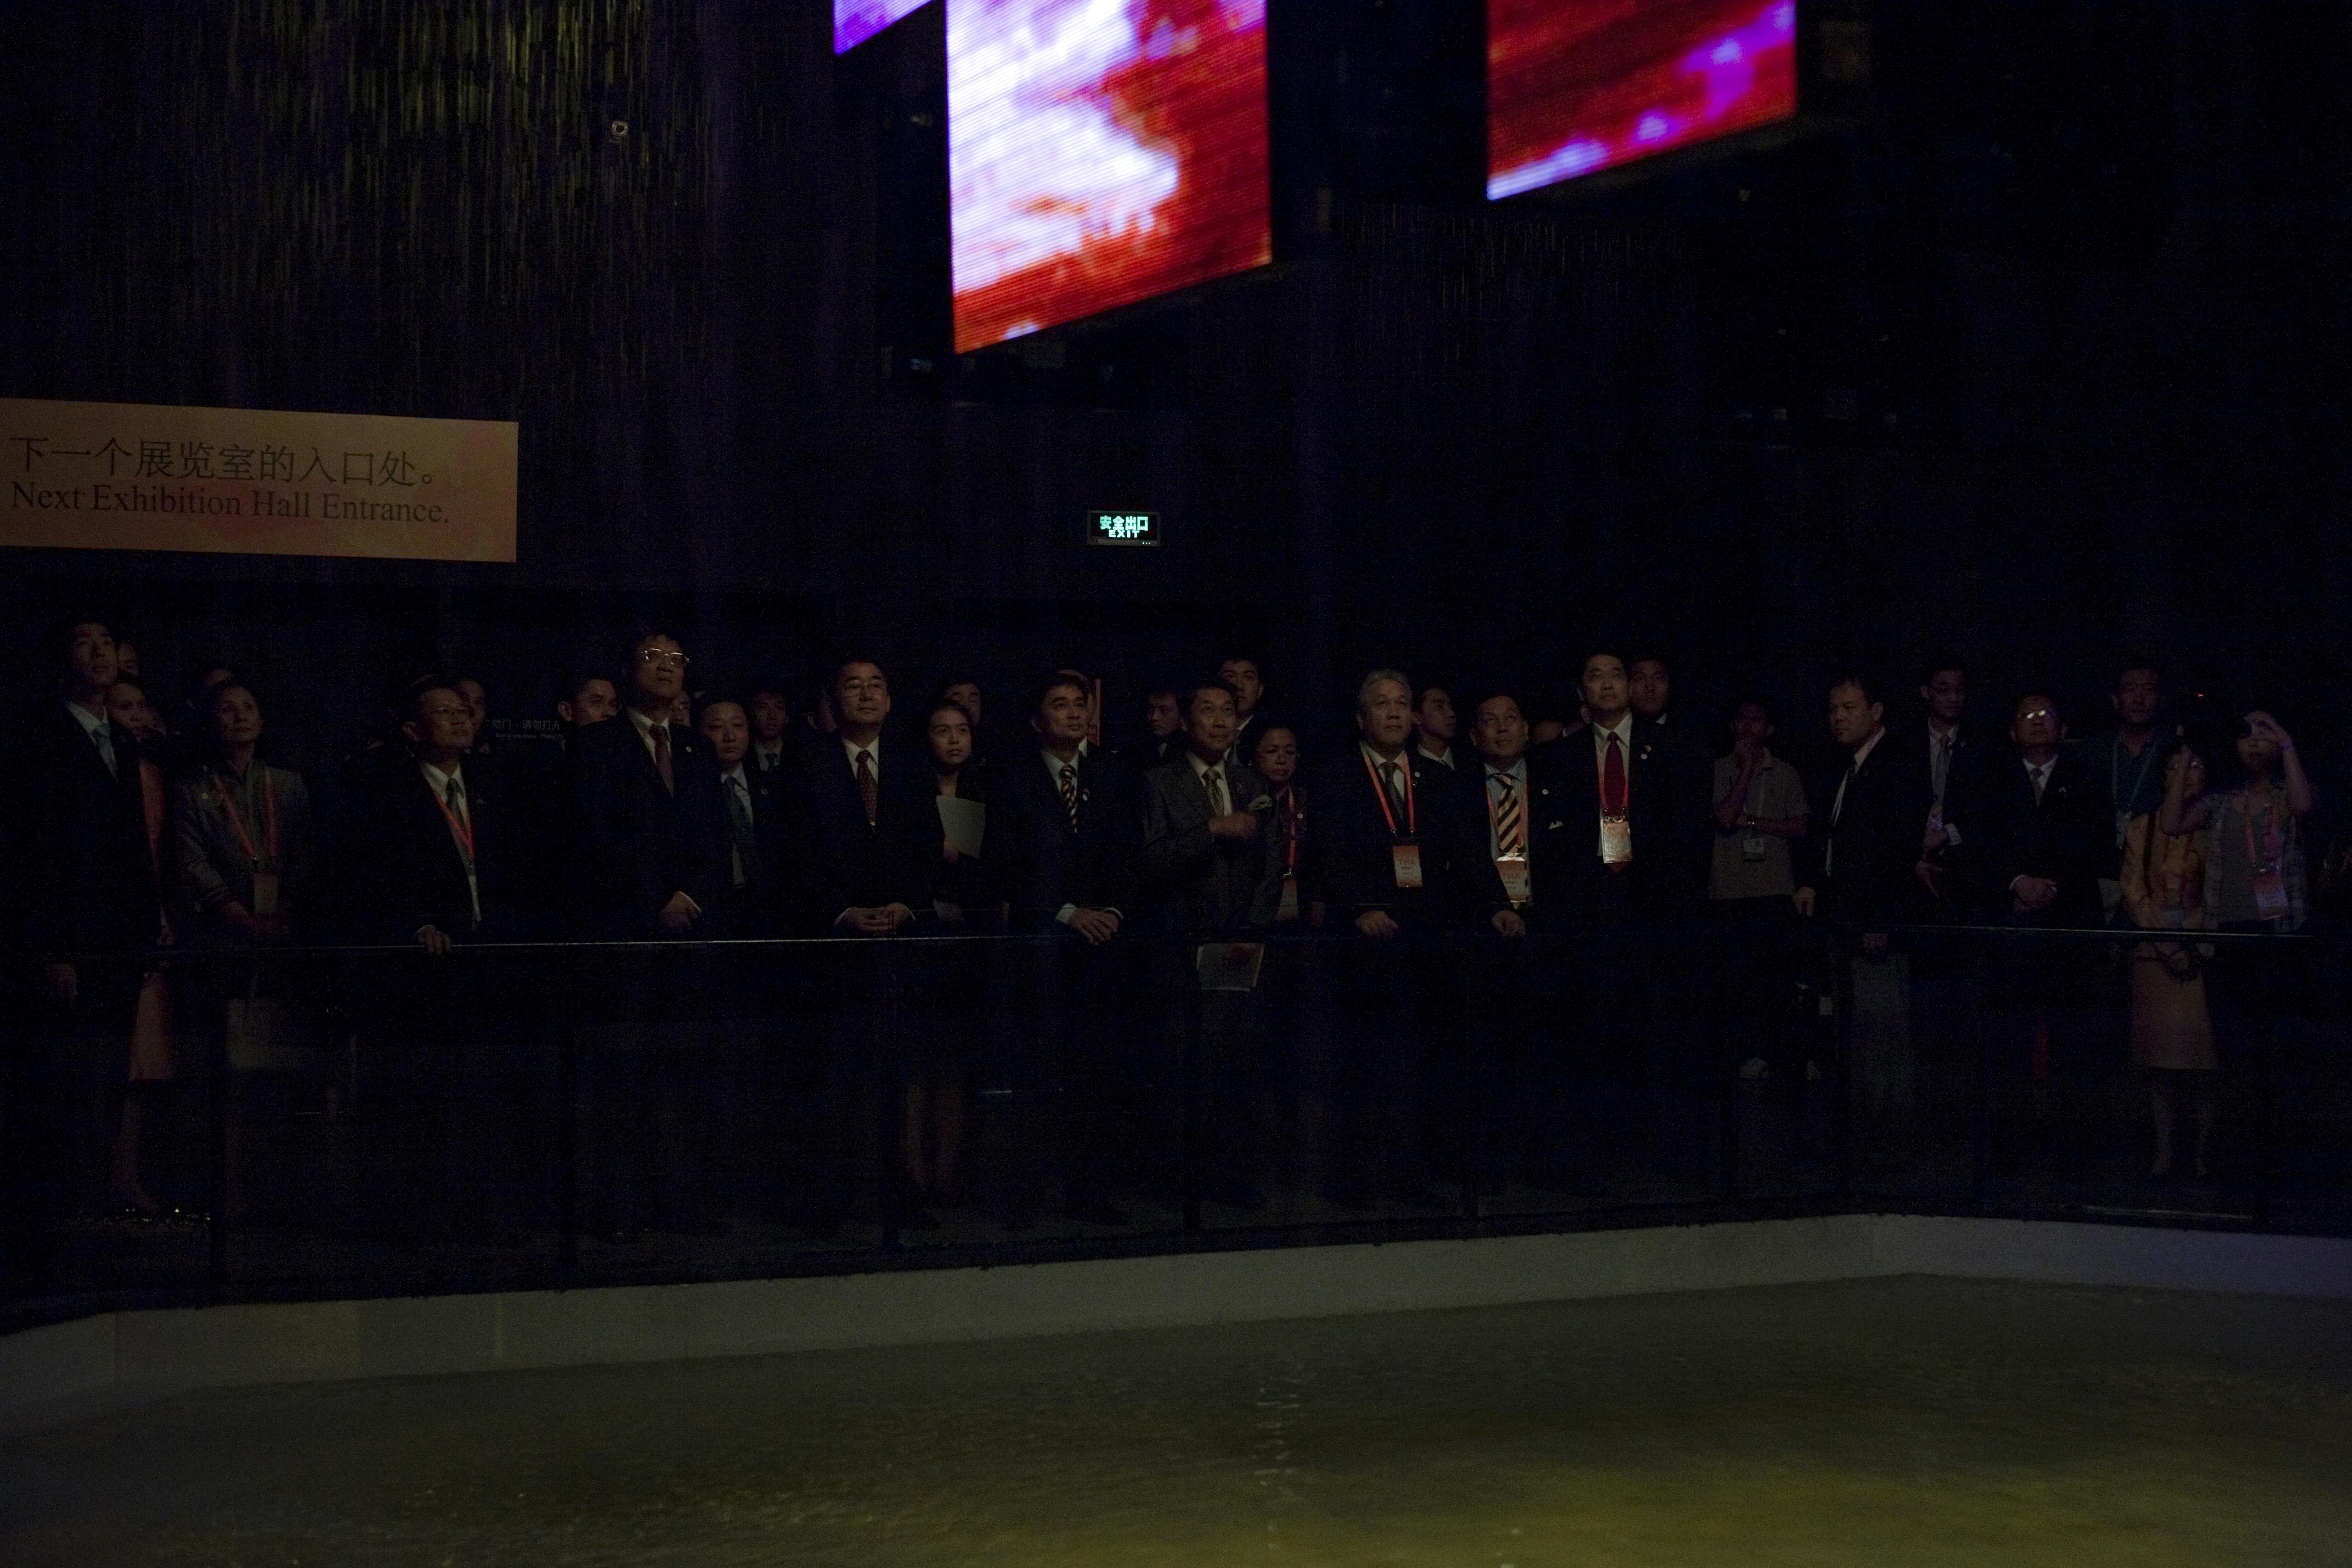 นายกรัฐมนตรีและคณะ เยี่ยมชมศาลาไทย ณ มหกรรมงาน Shangha - Flickr - Abhisit Vejjajiva (20).jpg นายกรัฐมนตรีและคณะ เยี่ยมชมศาลาไทย ณ มหกรรมงาน